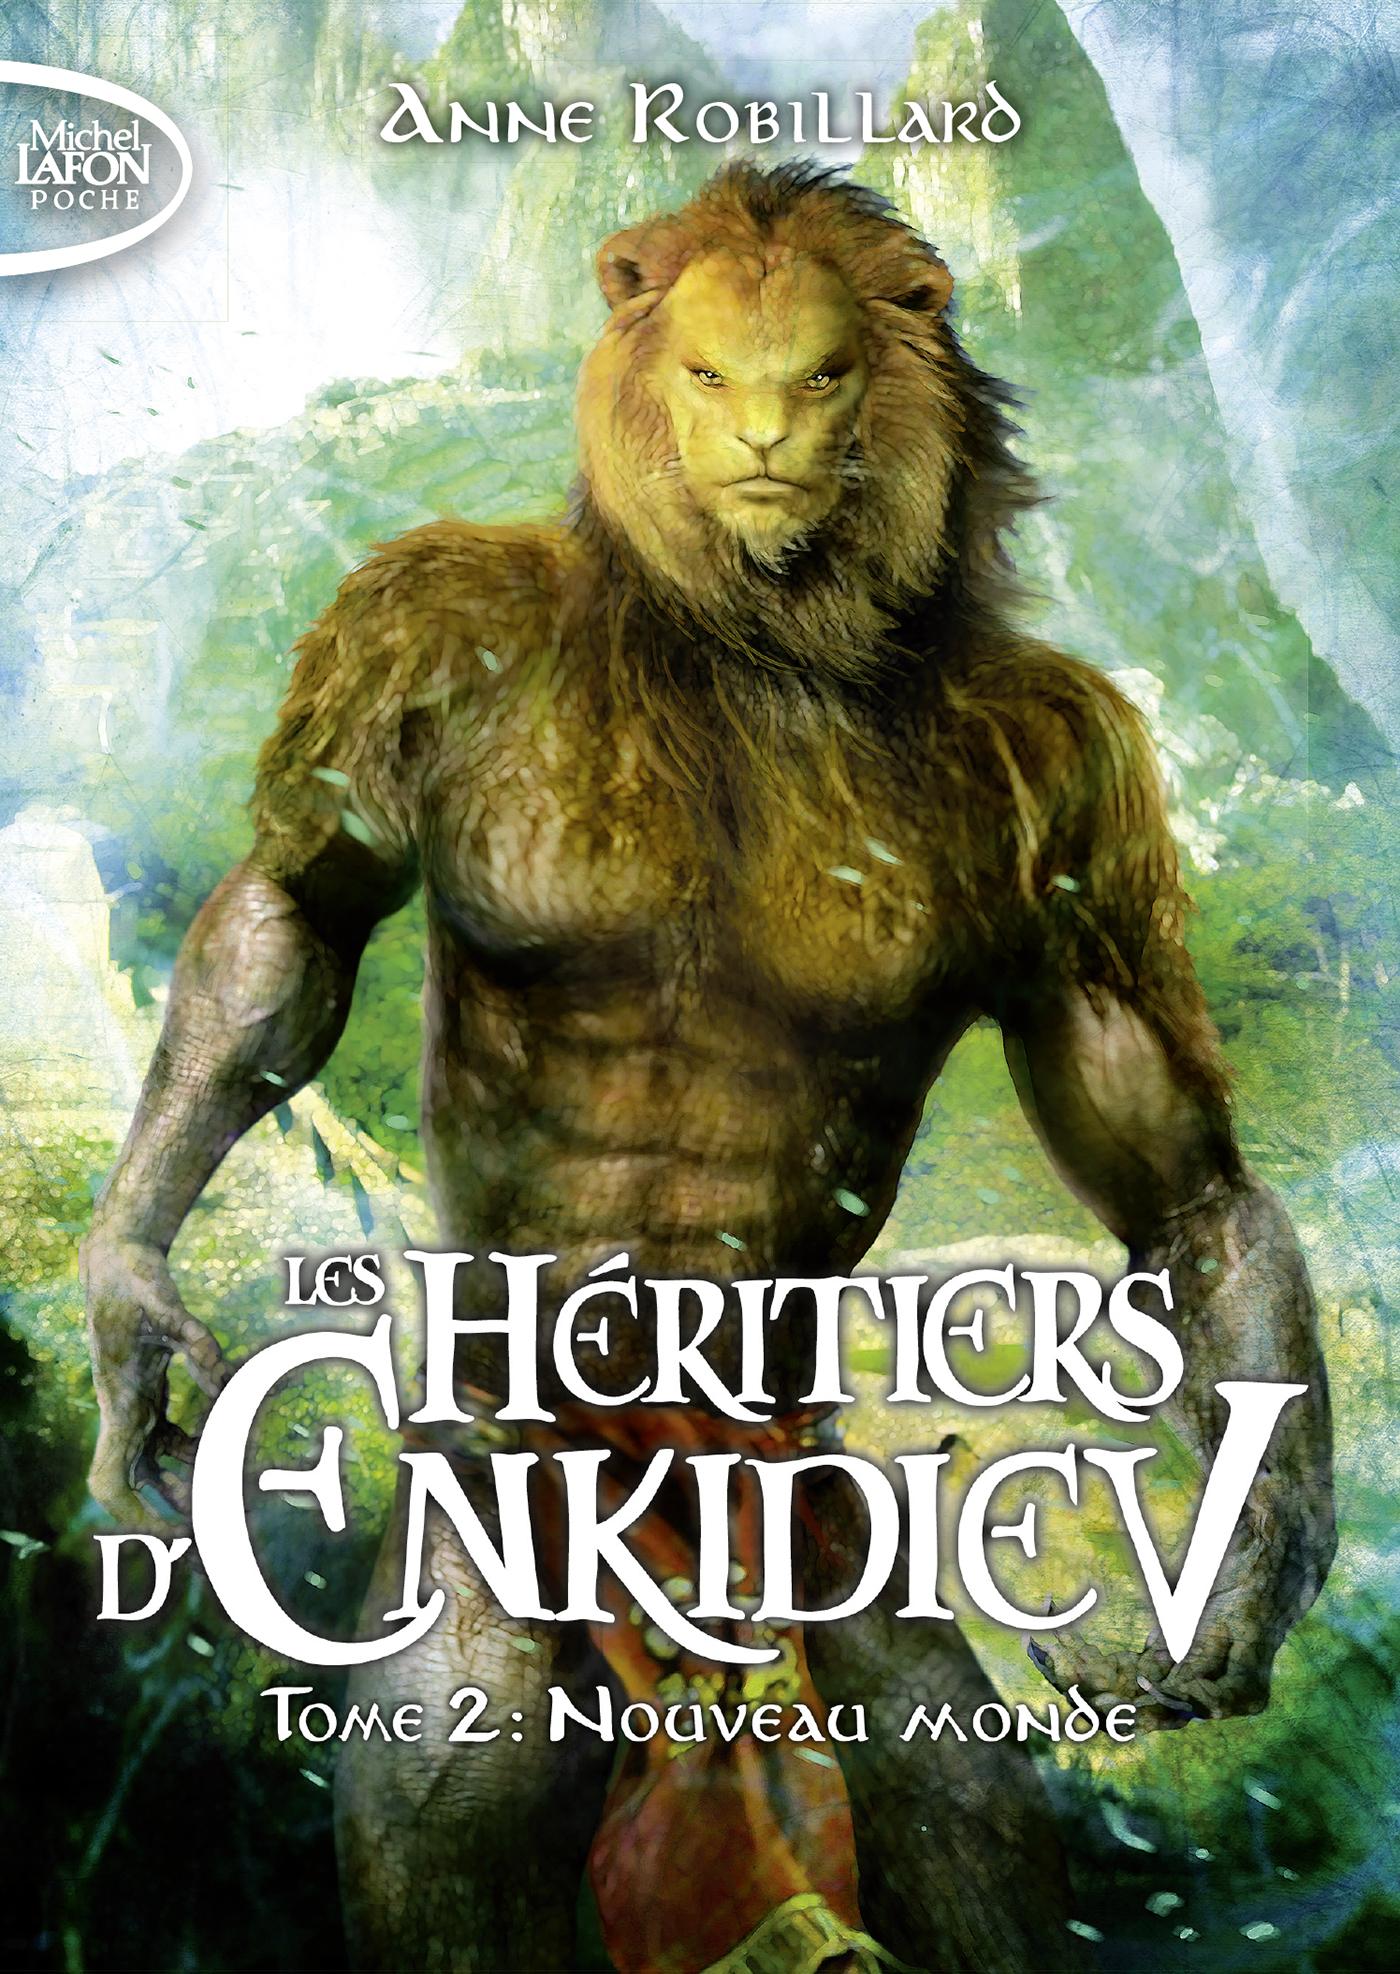 Les héritiers d'Enkidiev – Tome 2 Poche